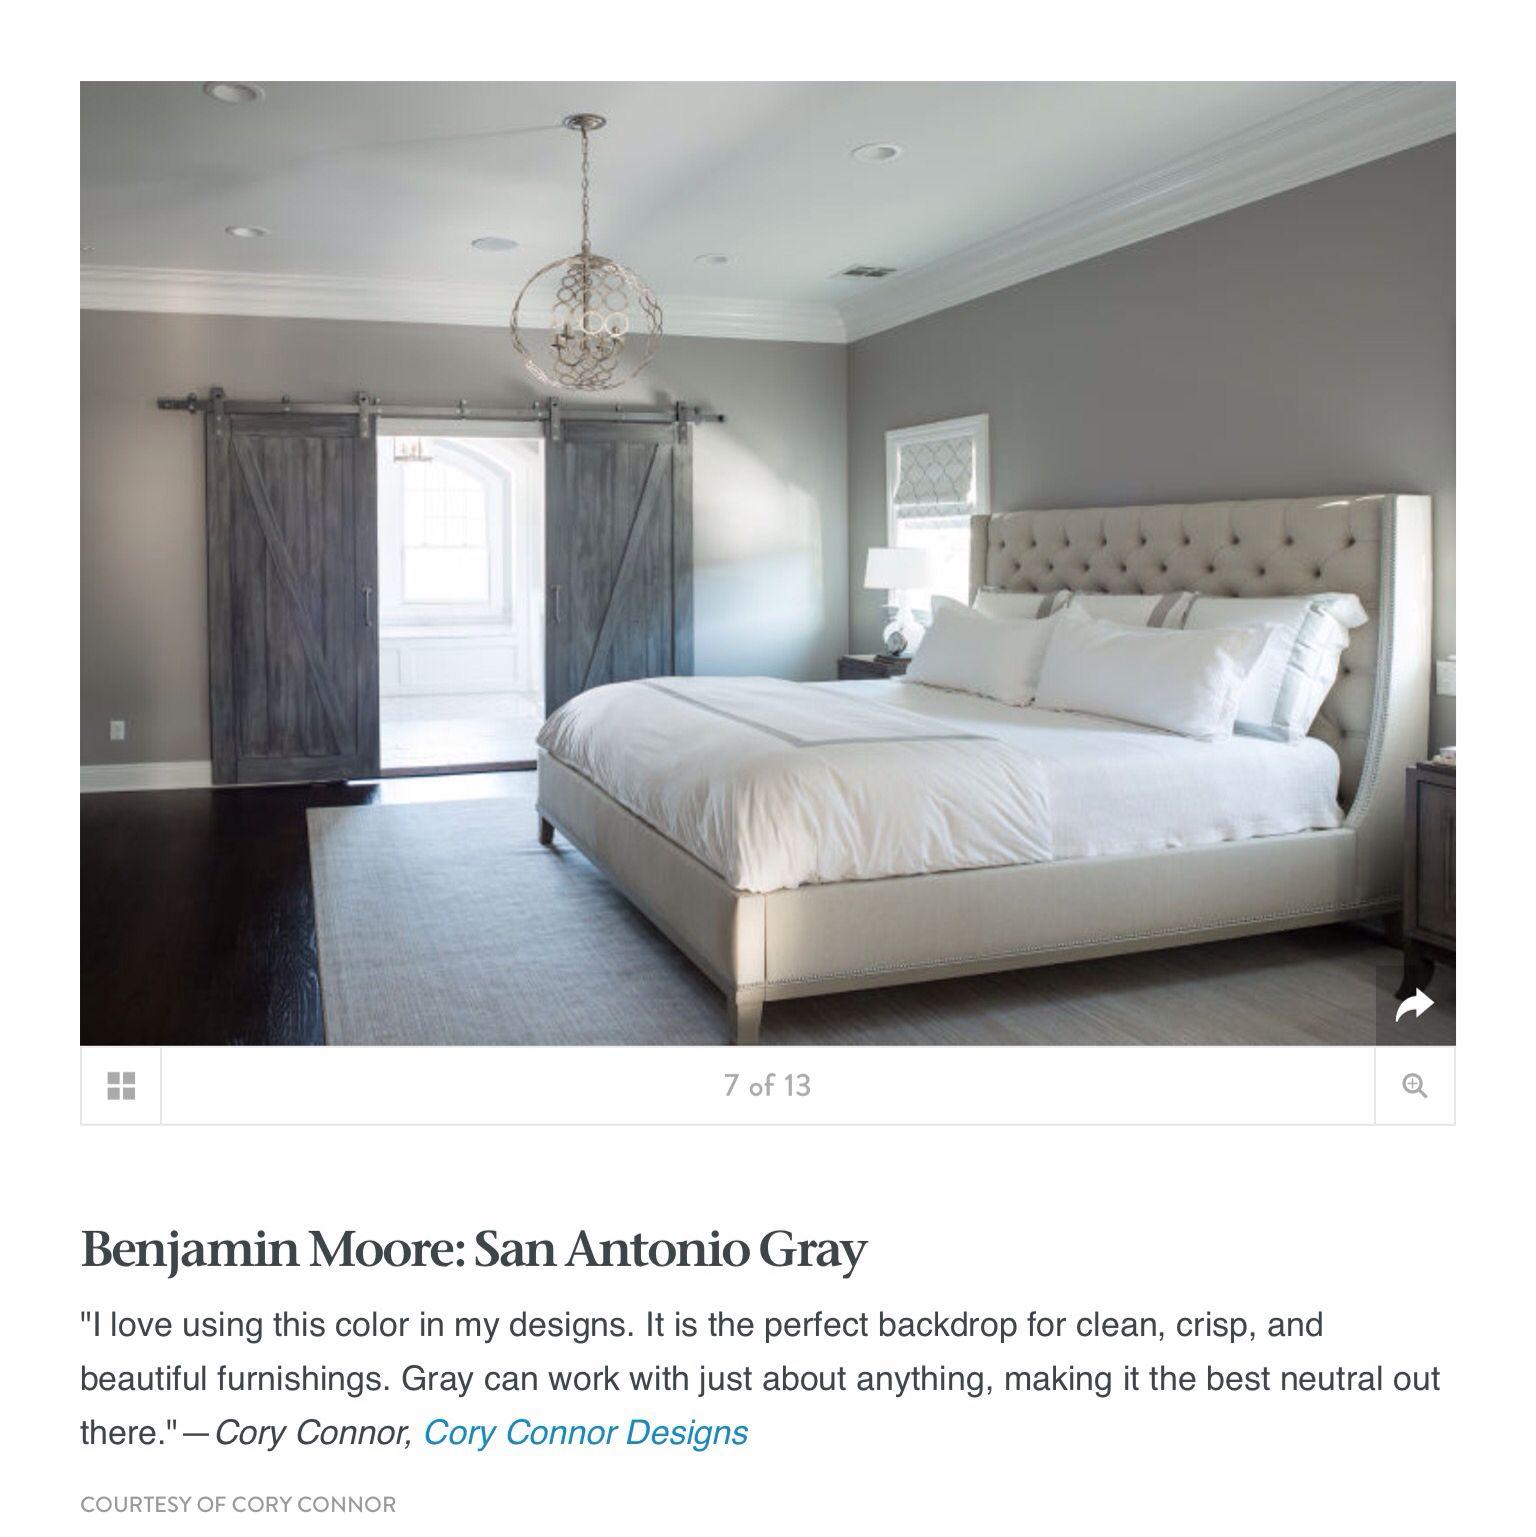 Benjamin Moore San Antonio Gray